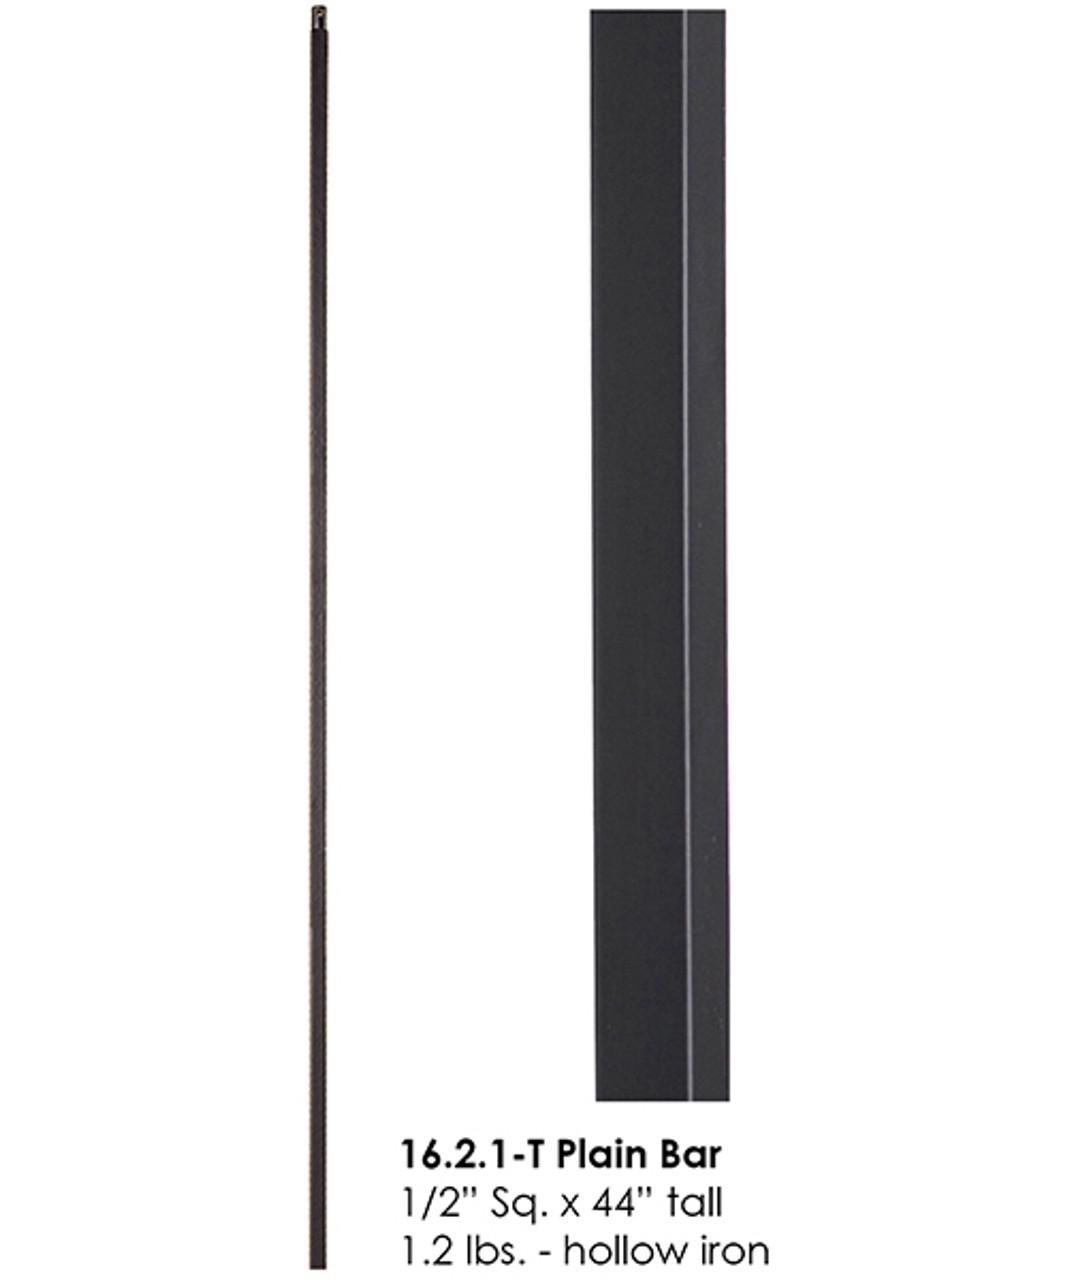 HF16.2.1-T Plain Square Bar Tubular Steel